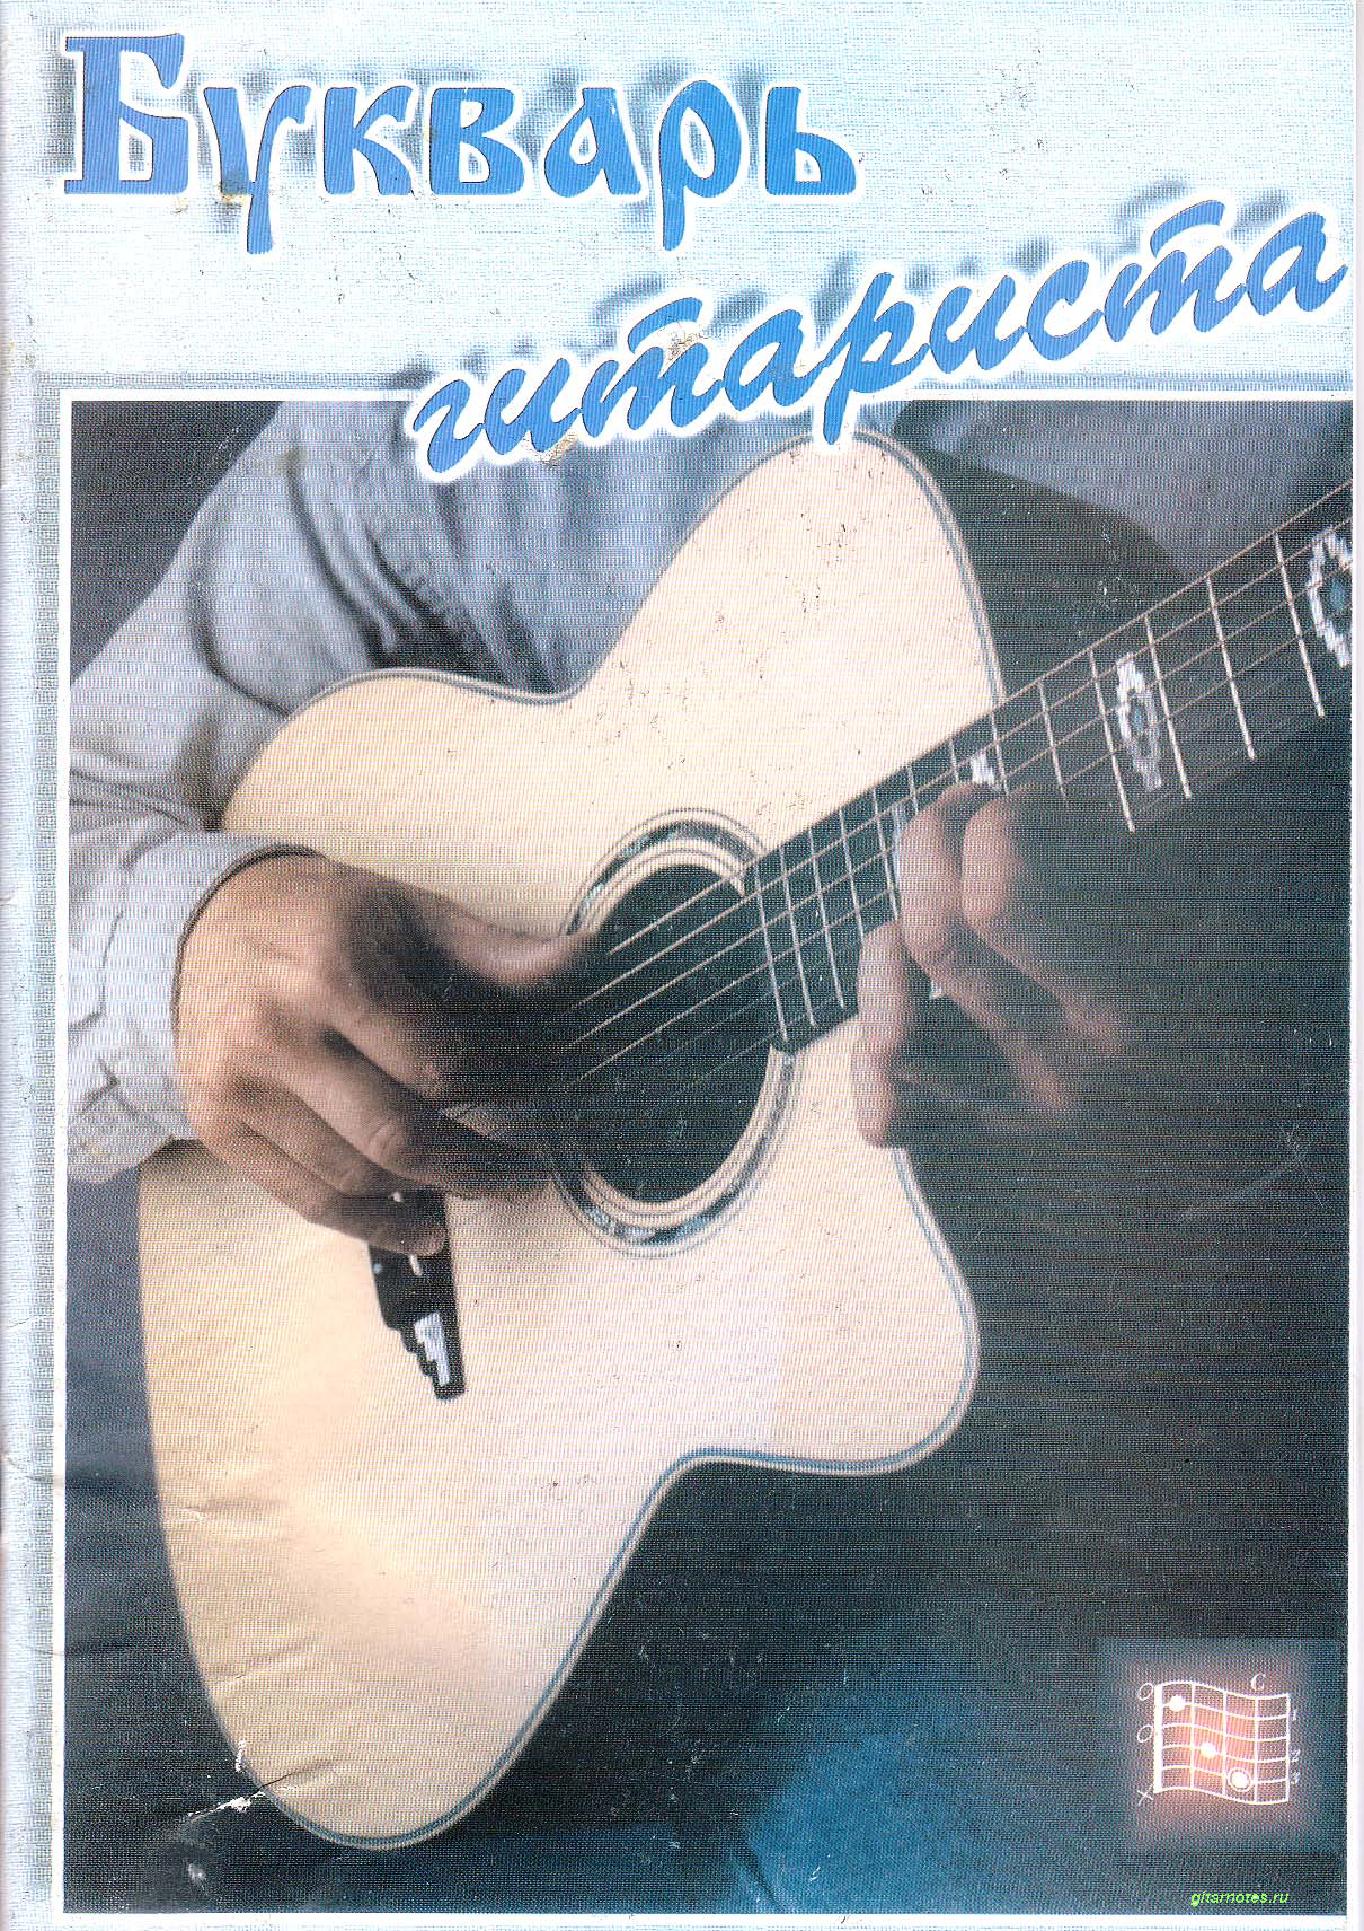 Гитара самоучитель букварь скачать торрентом бесплатно